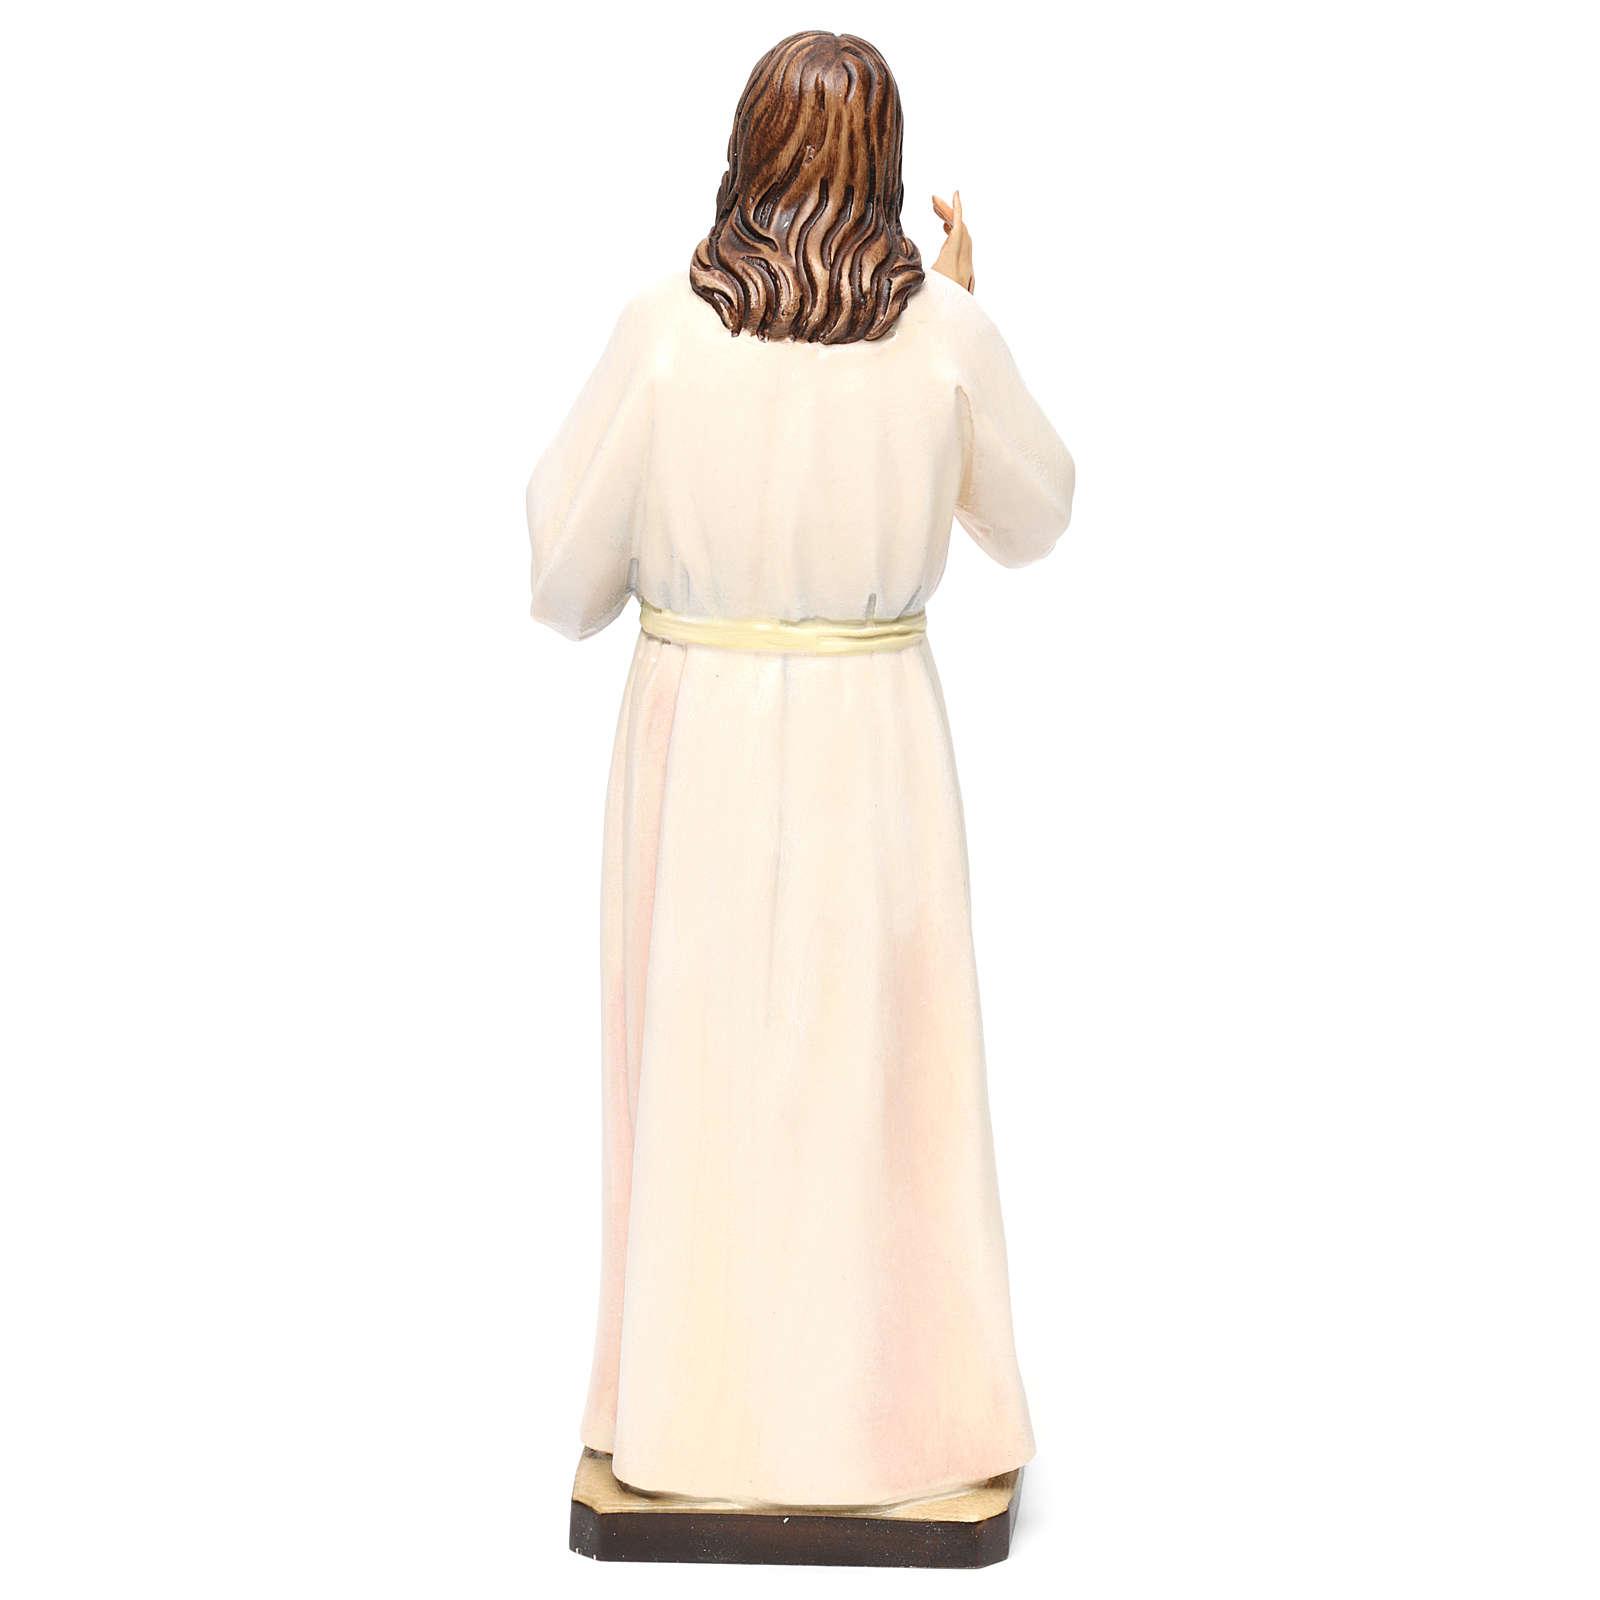 Estatua madera pintada Val Gardena Sagrado Corazón de Jesús vestido blanco 4